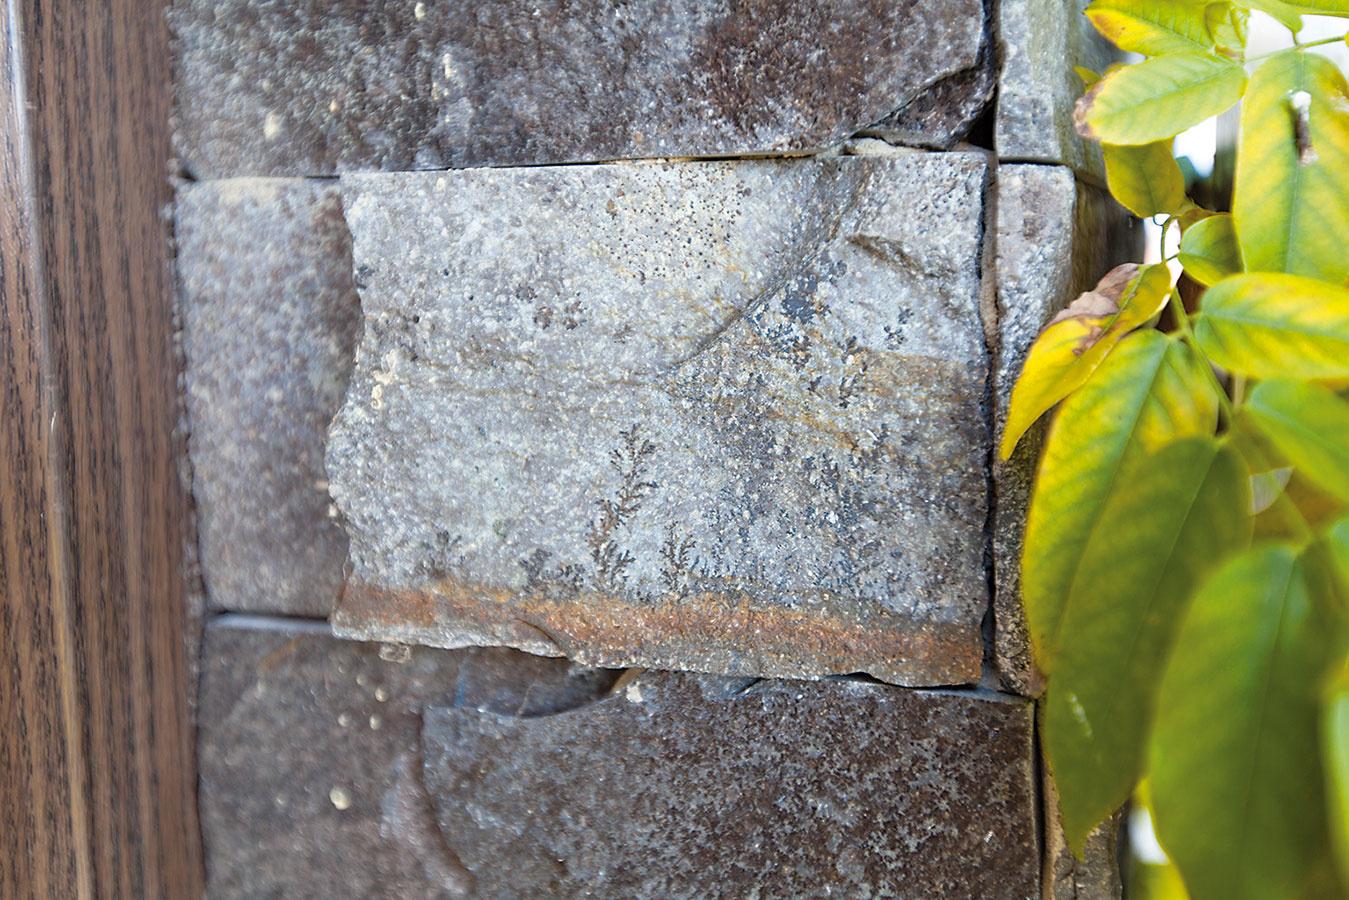 Radosť skrytá vdetailoch. Domáci sa každý deň tešia zdomu, zo záhrady aj zdrobností, ktoré prináša okolitá príroda – zblízkosti operencov či odtlačkov pravekých prasličiek zakliatych vkamennom obklade.